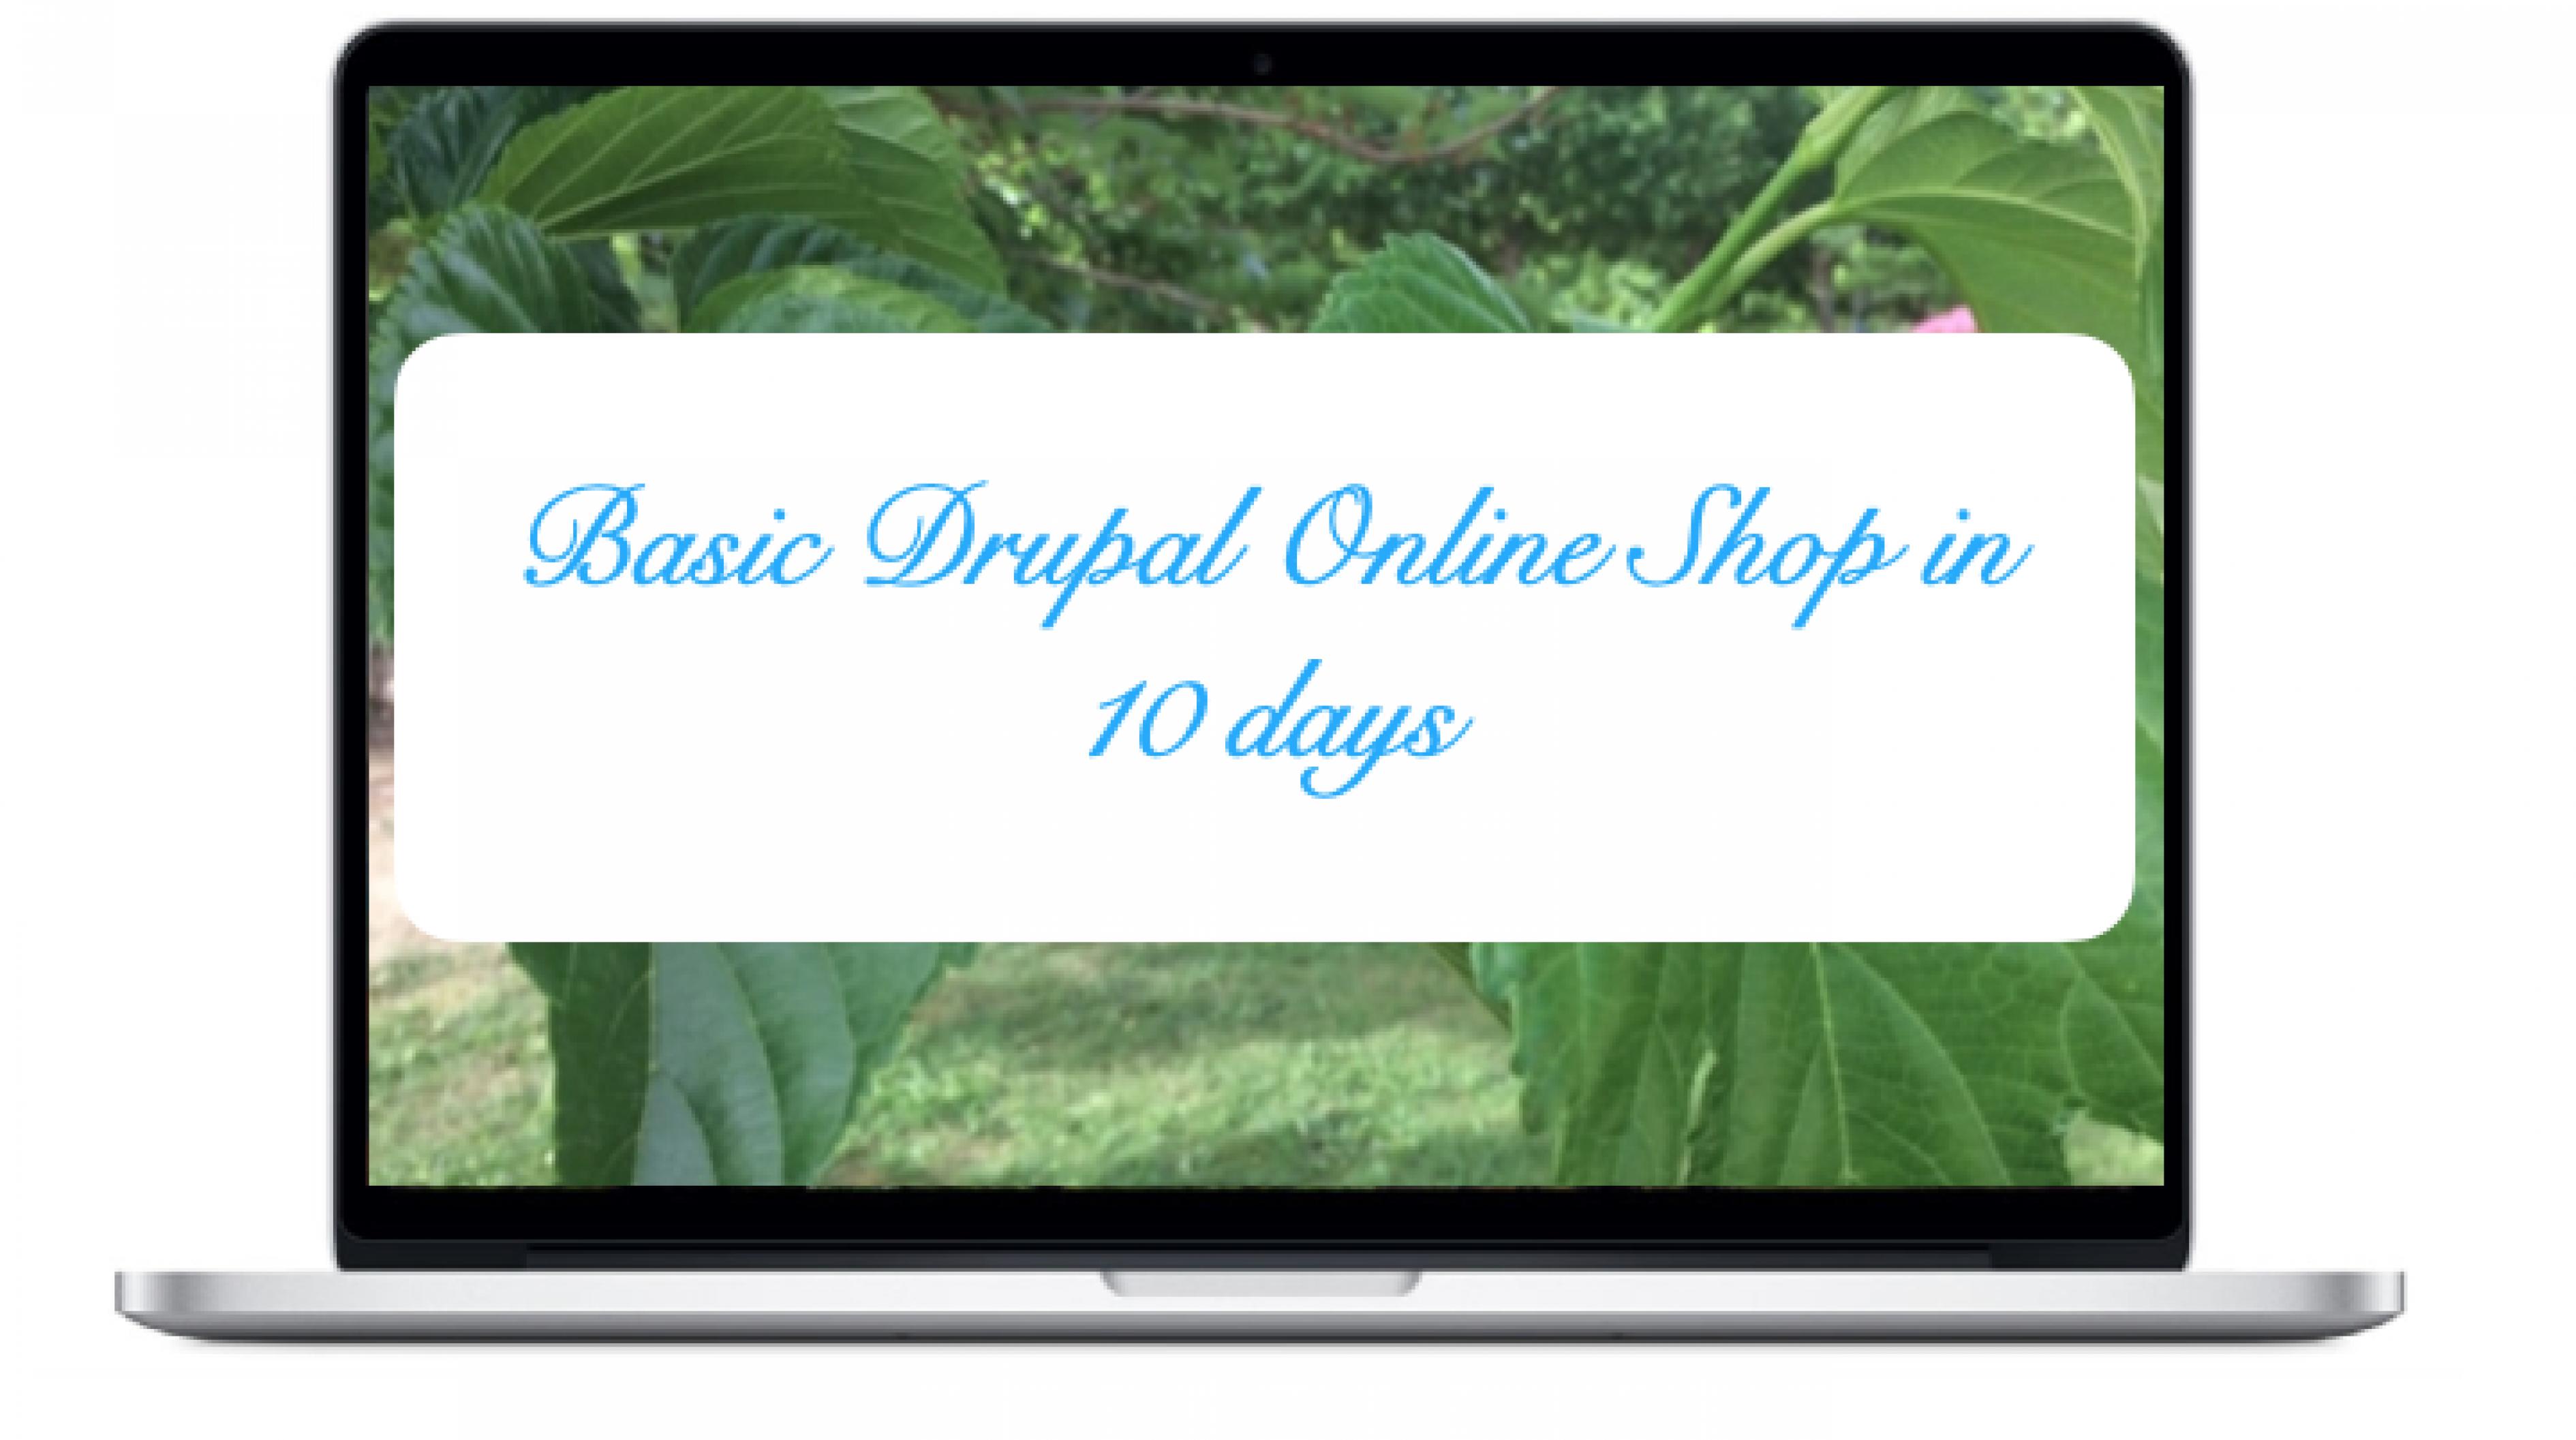 basic-drupal-online-shop-in-10-days_0.png